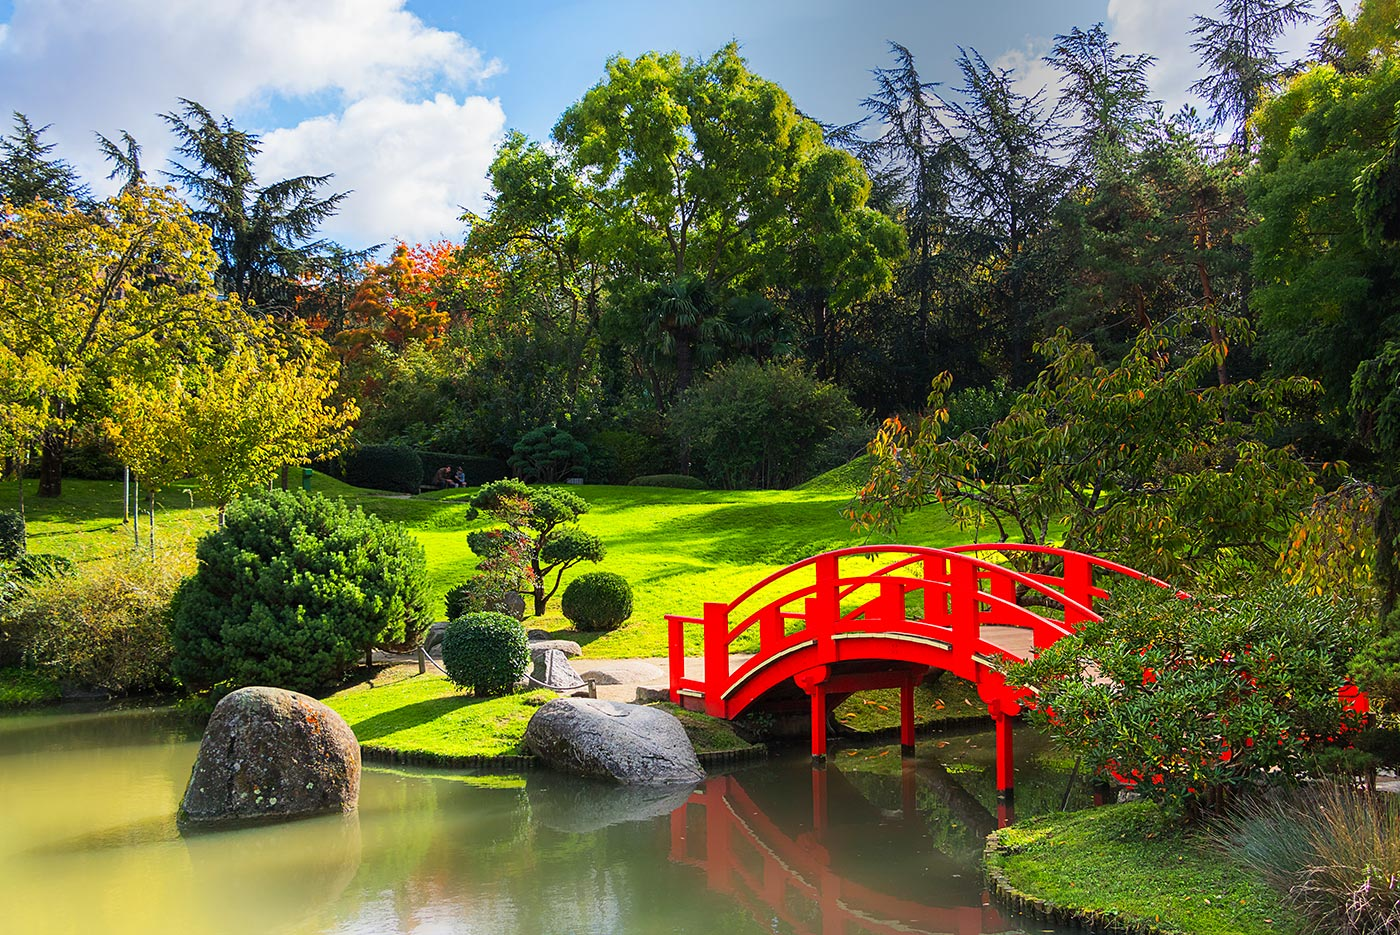 Jardin japonais de Toulouse